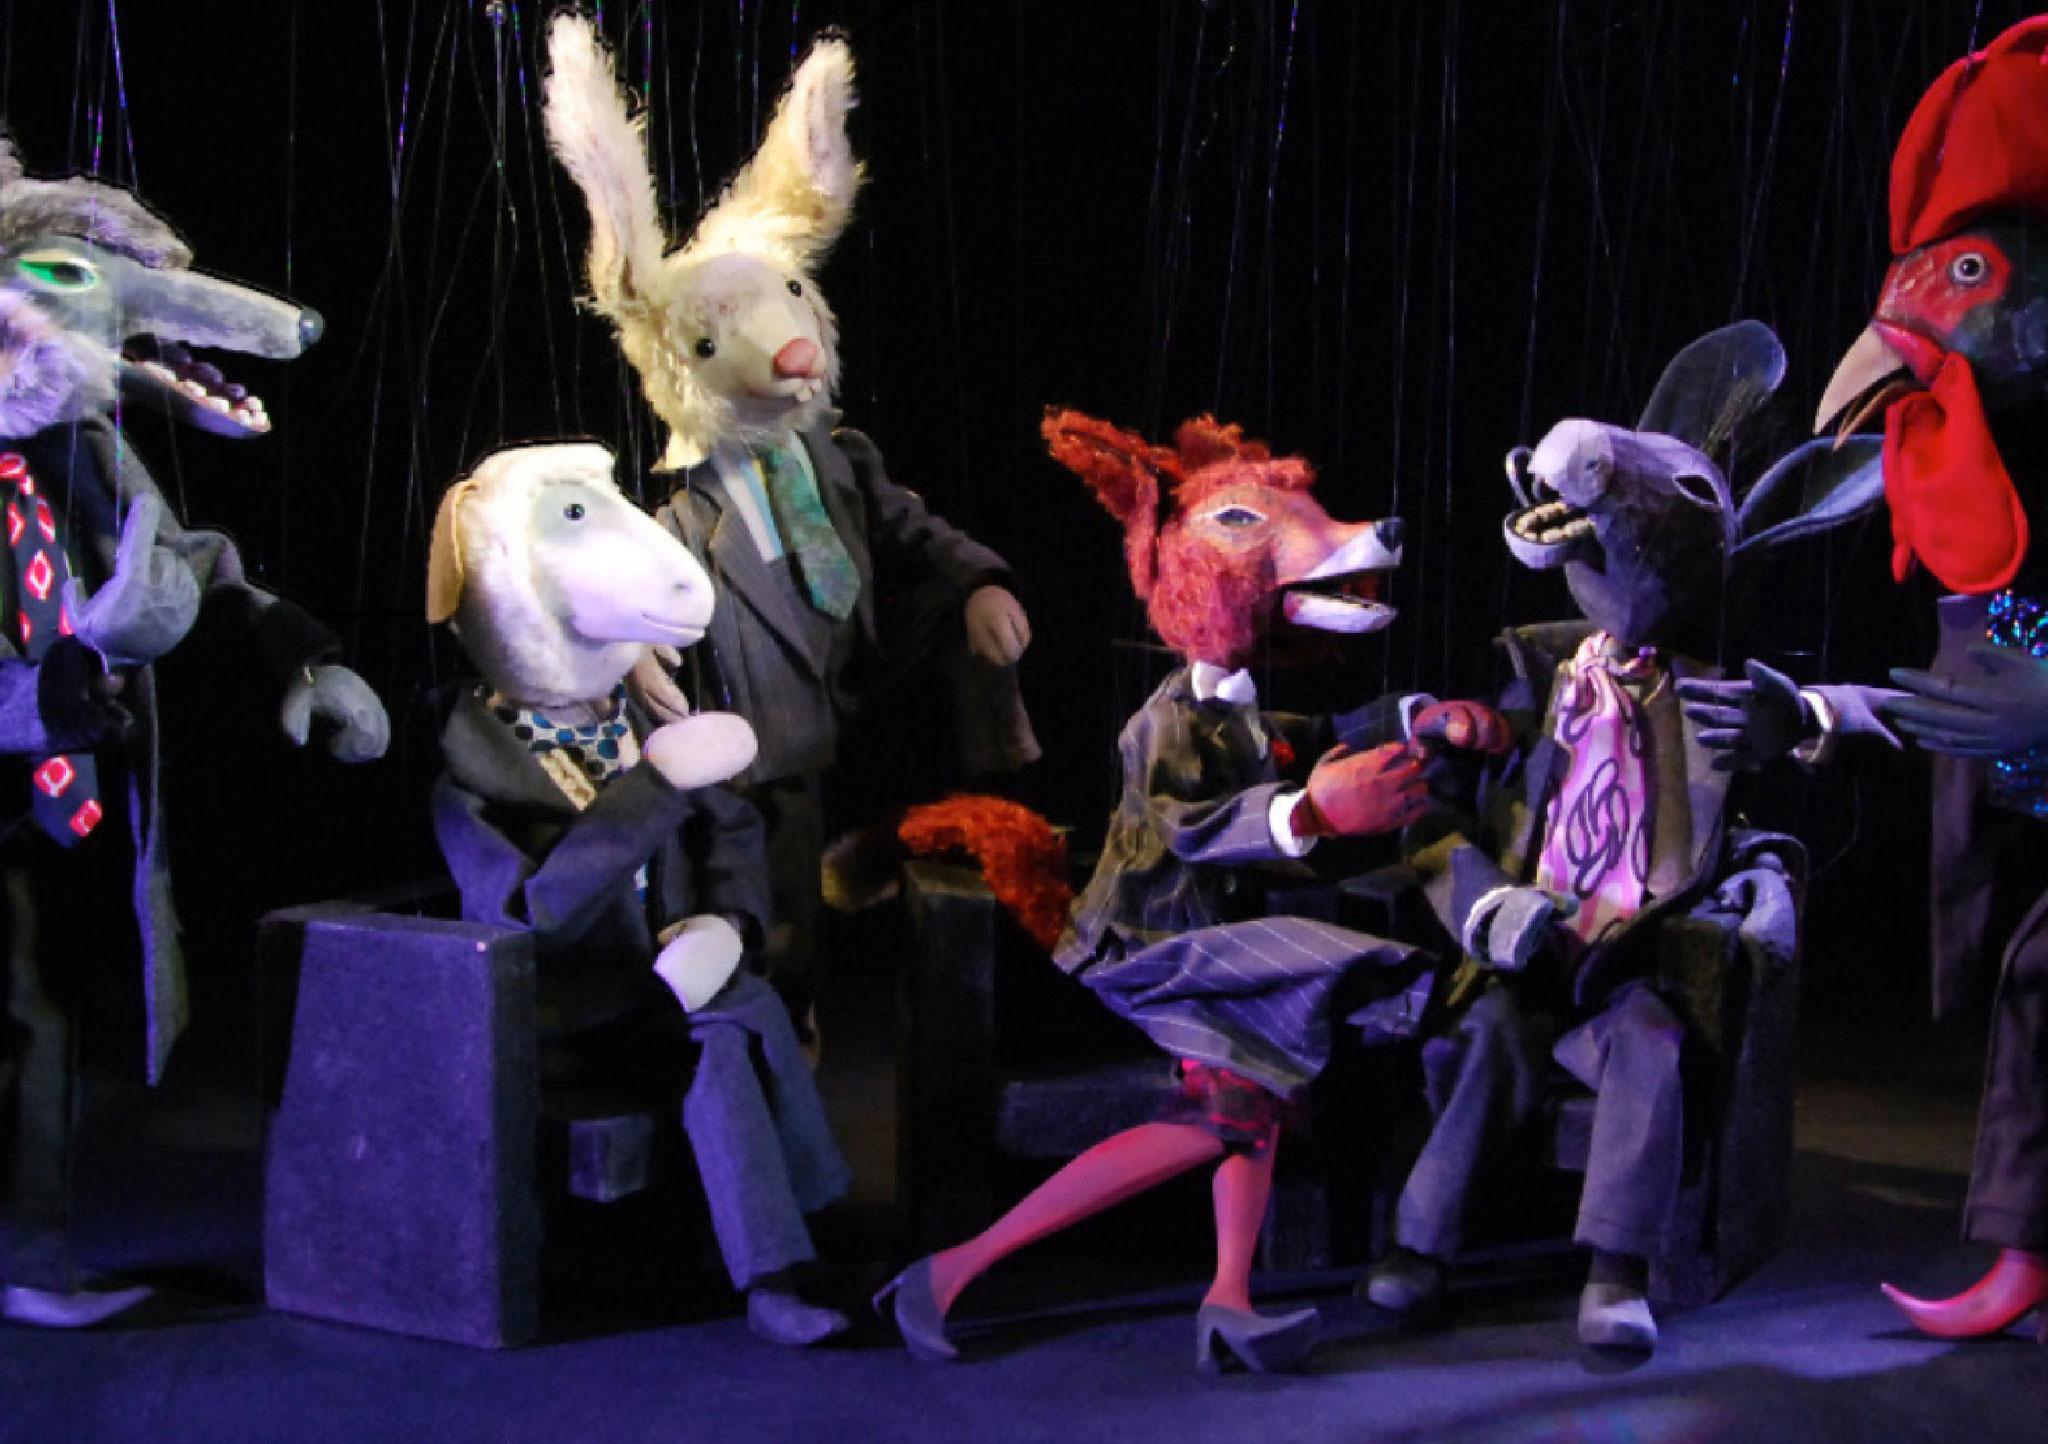 Zur Aufführung kommen Kindergeschichten, Fabeln, Märchen und Mythen bis hin zu literarischen Werken und der satirischen Aufbereitung zeitgenössischer Themen.